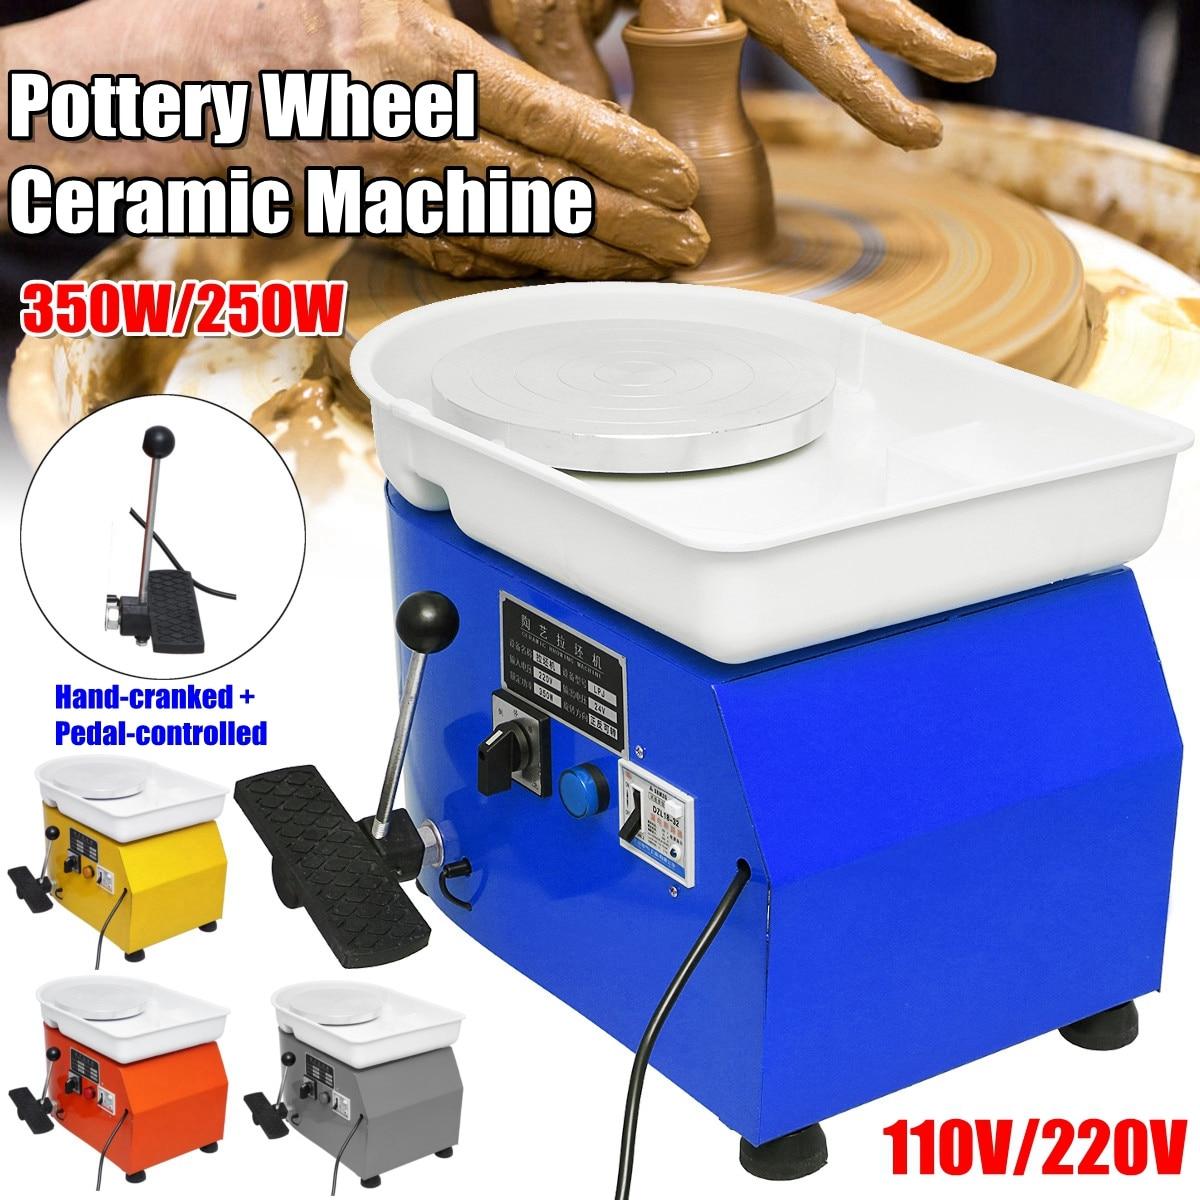 110 V/220 V 250 W/350 W poterie formant la Machine électrique poterie roue argile pour travaux pratiques potier Art outil avec plateau pour céramique travail céramique